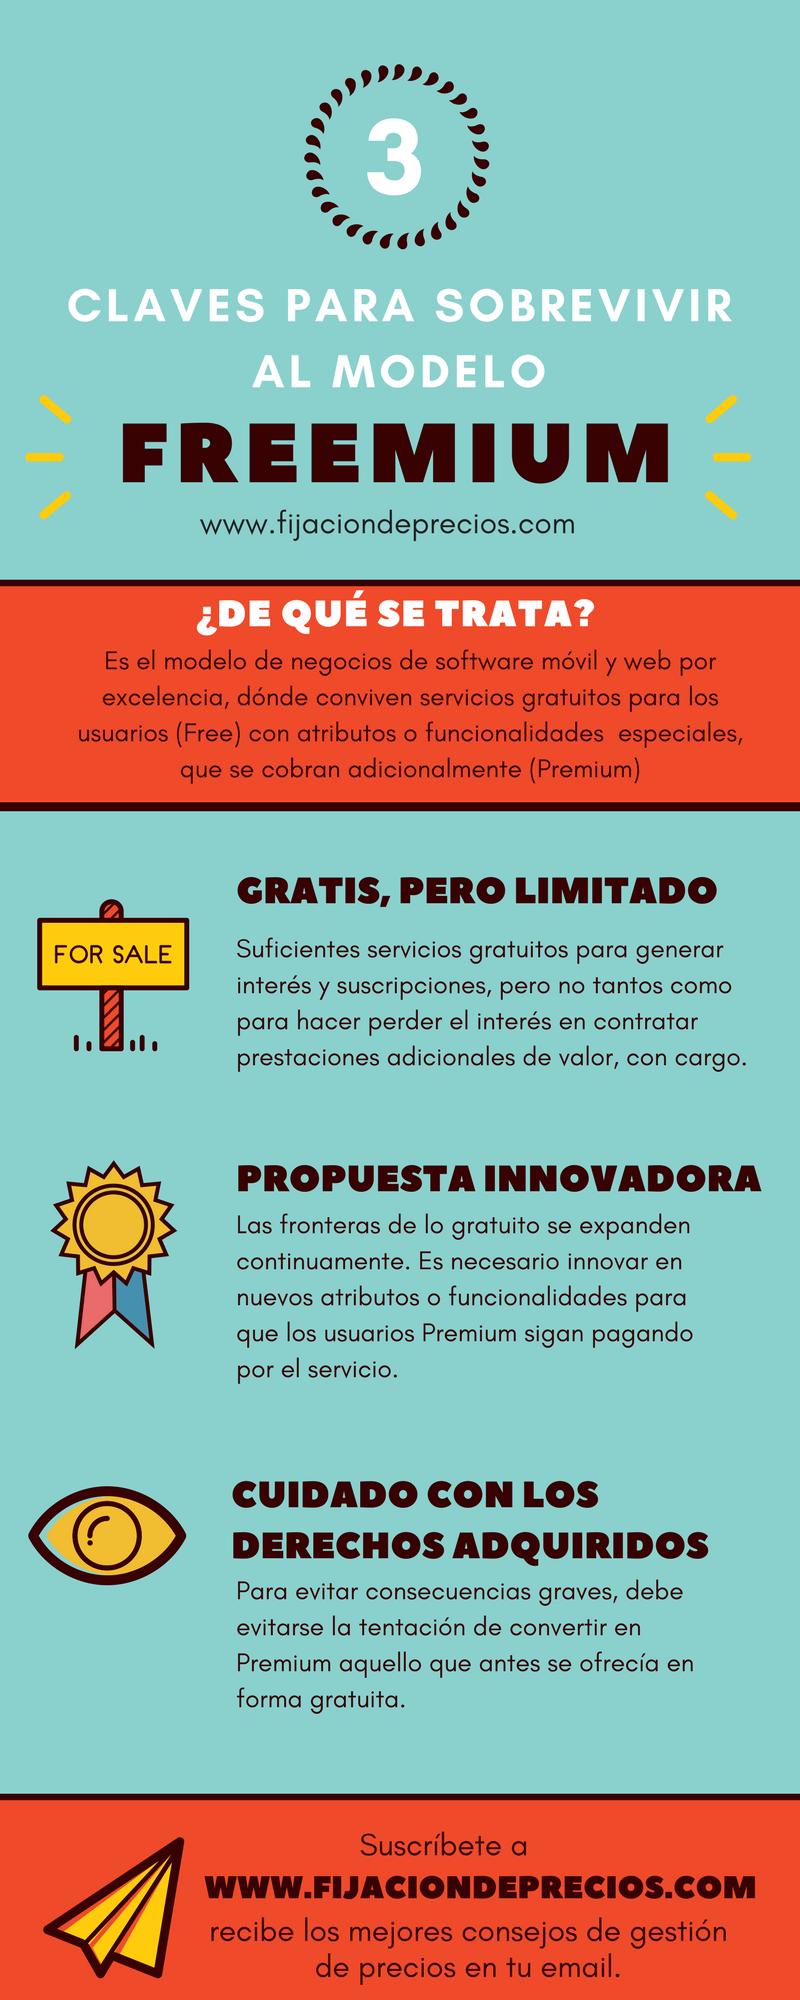 Infografía Claves para sobrevivir al modelo freemium